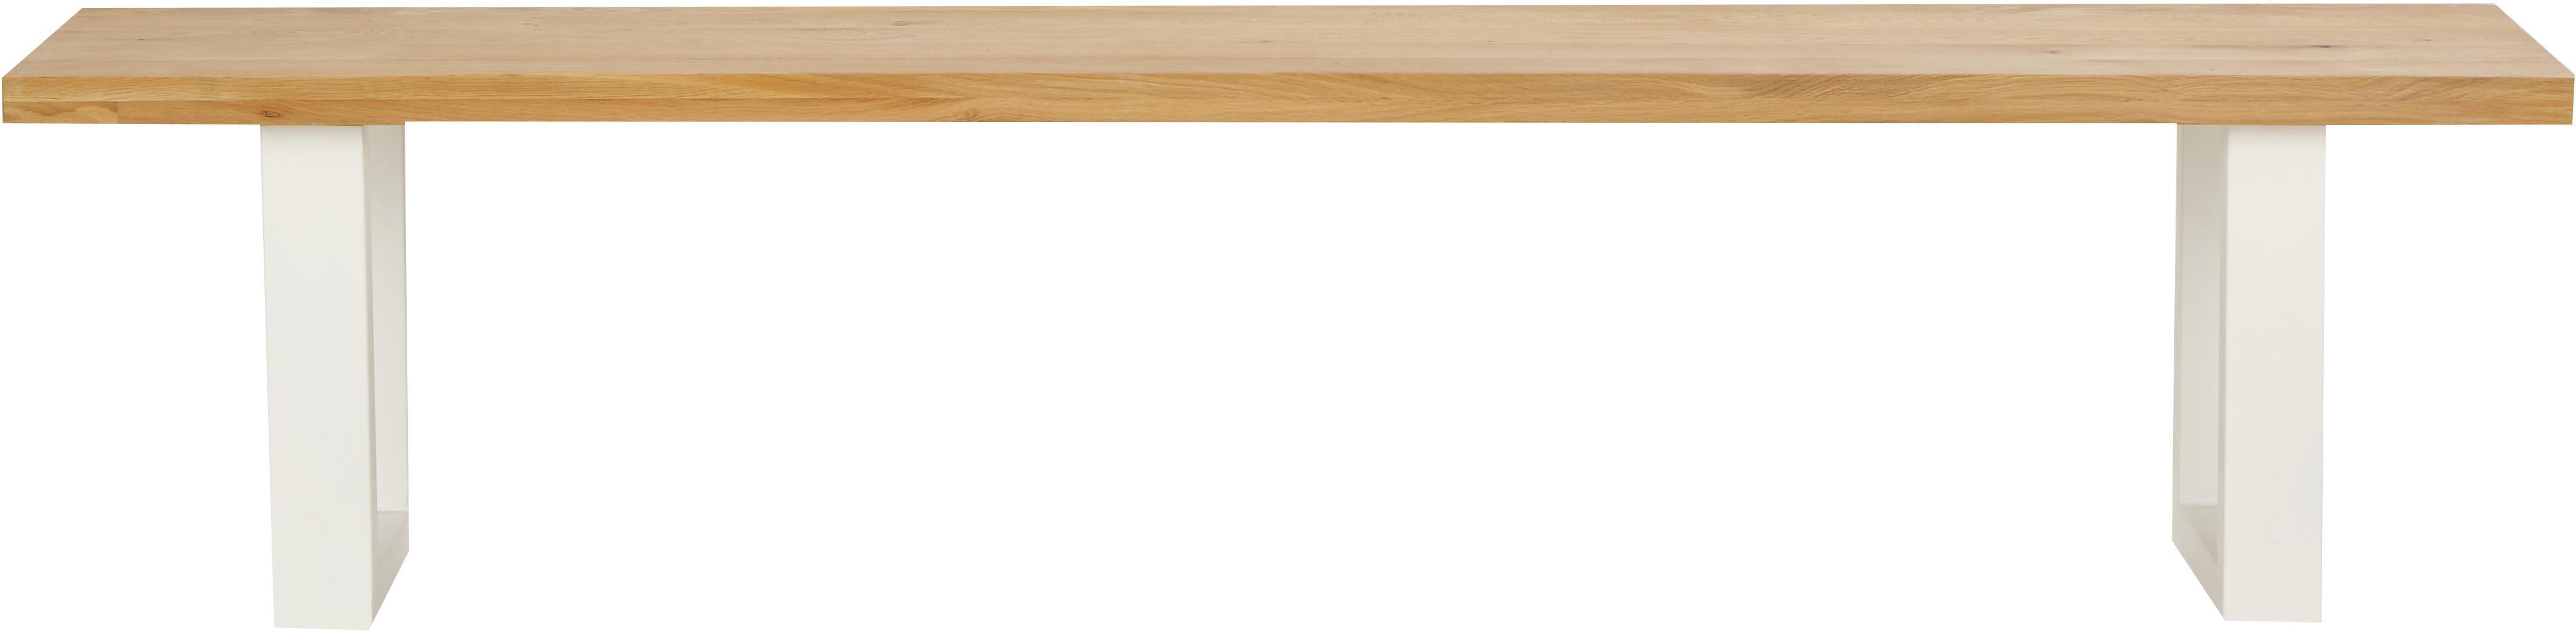 Sitzbank Oliver aus Eichenholz, Sitzfläche: Europäische Wildeiche, ma, Beine: Matt lackierter Stahl, Sitzfläche: WildeicheBeine: Weiß, 180 x 45 cm